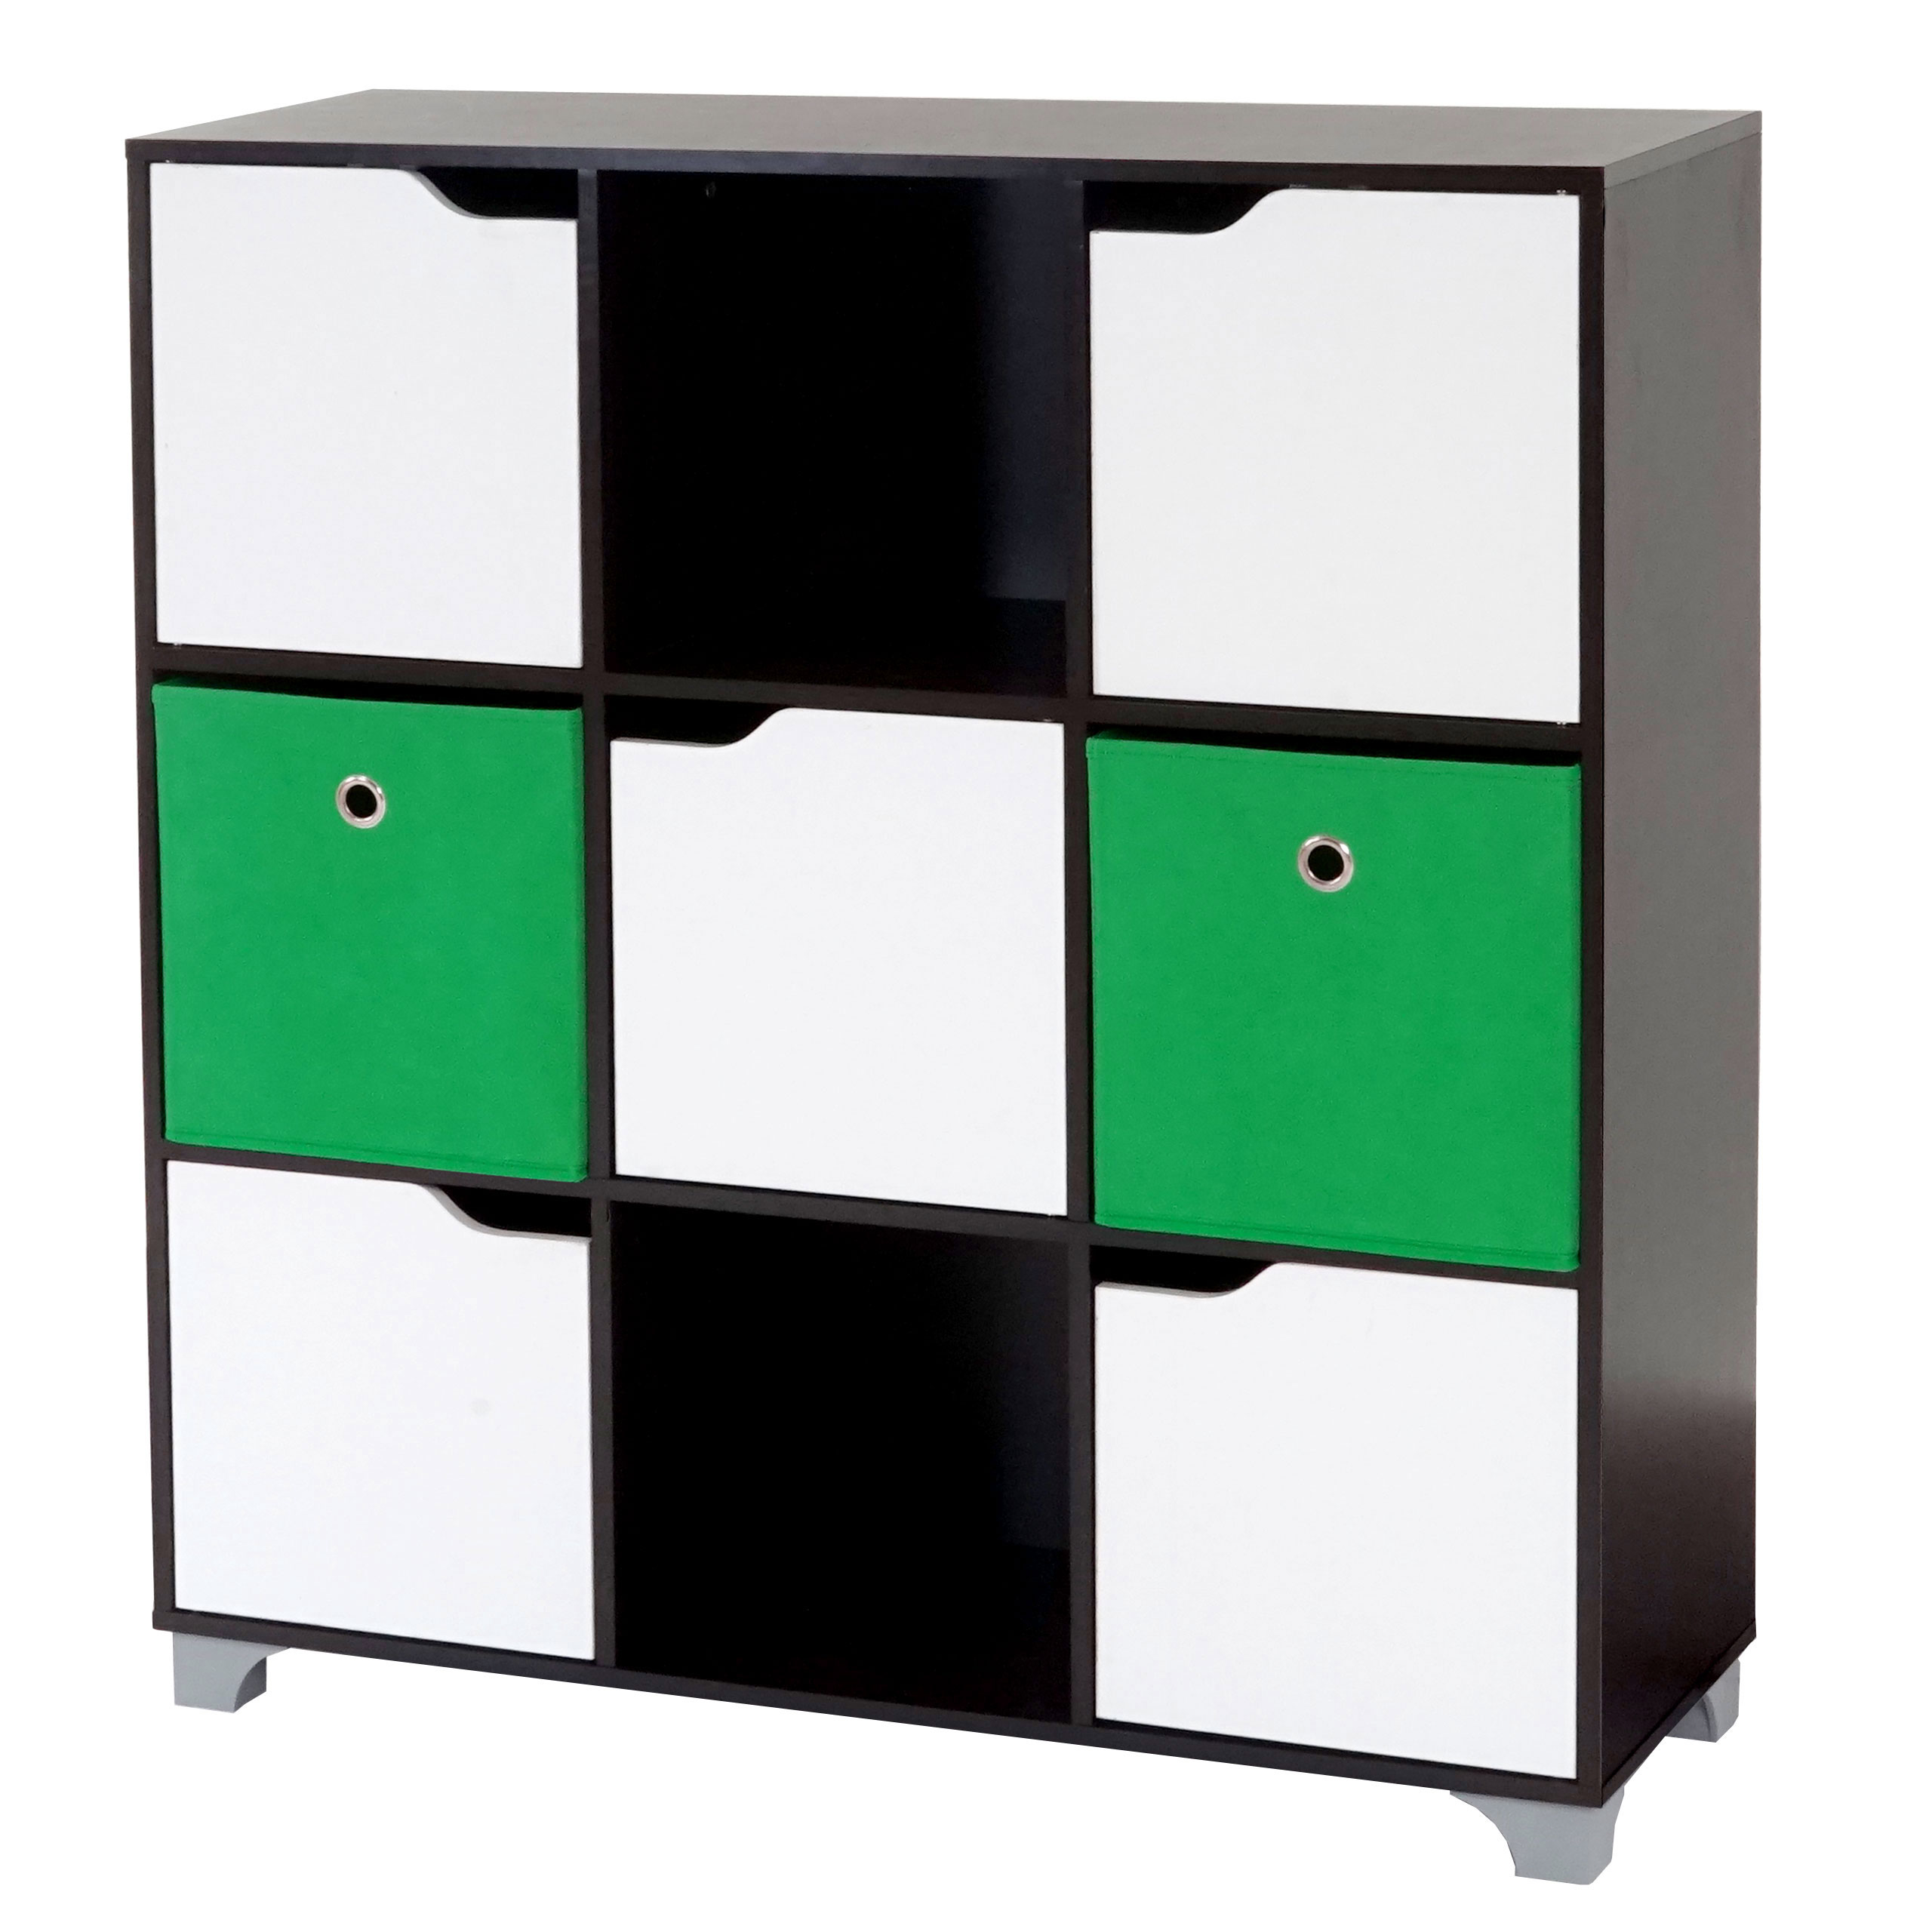 schrank t365 standregal holzregal walnussbraun inkl 2 faltboxen gr n. Black Bedroom Furniture Sets. Home Design Ideas